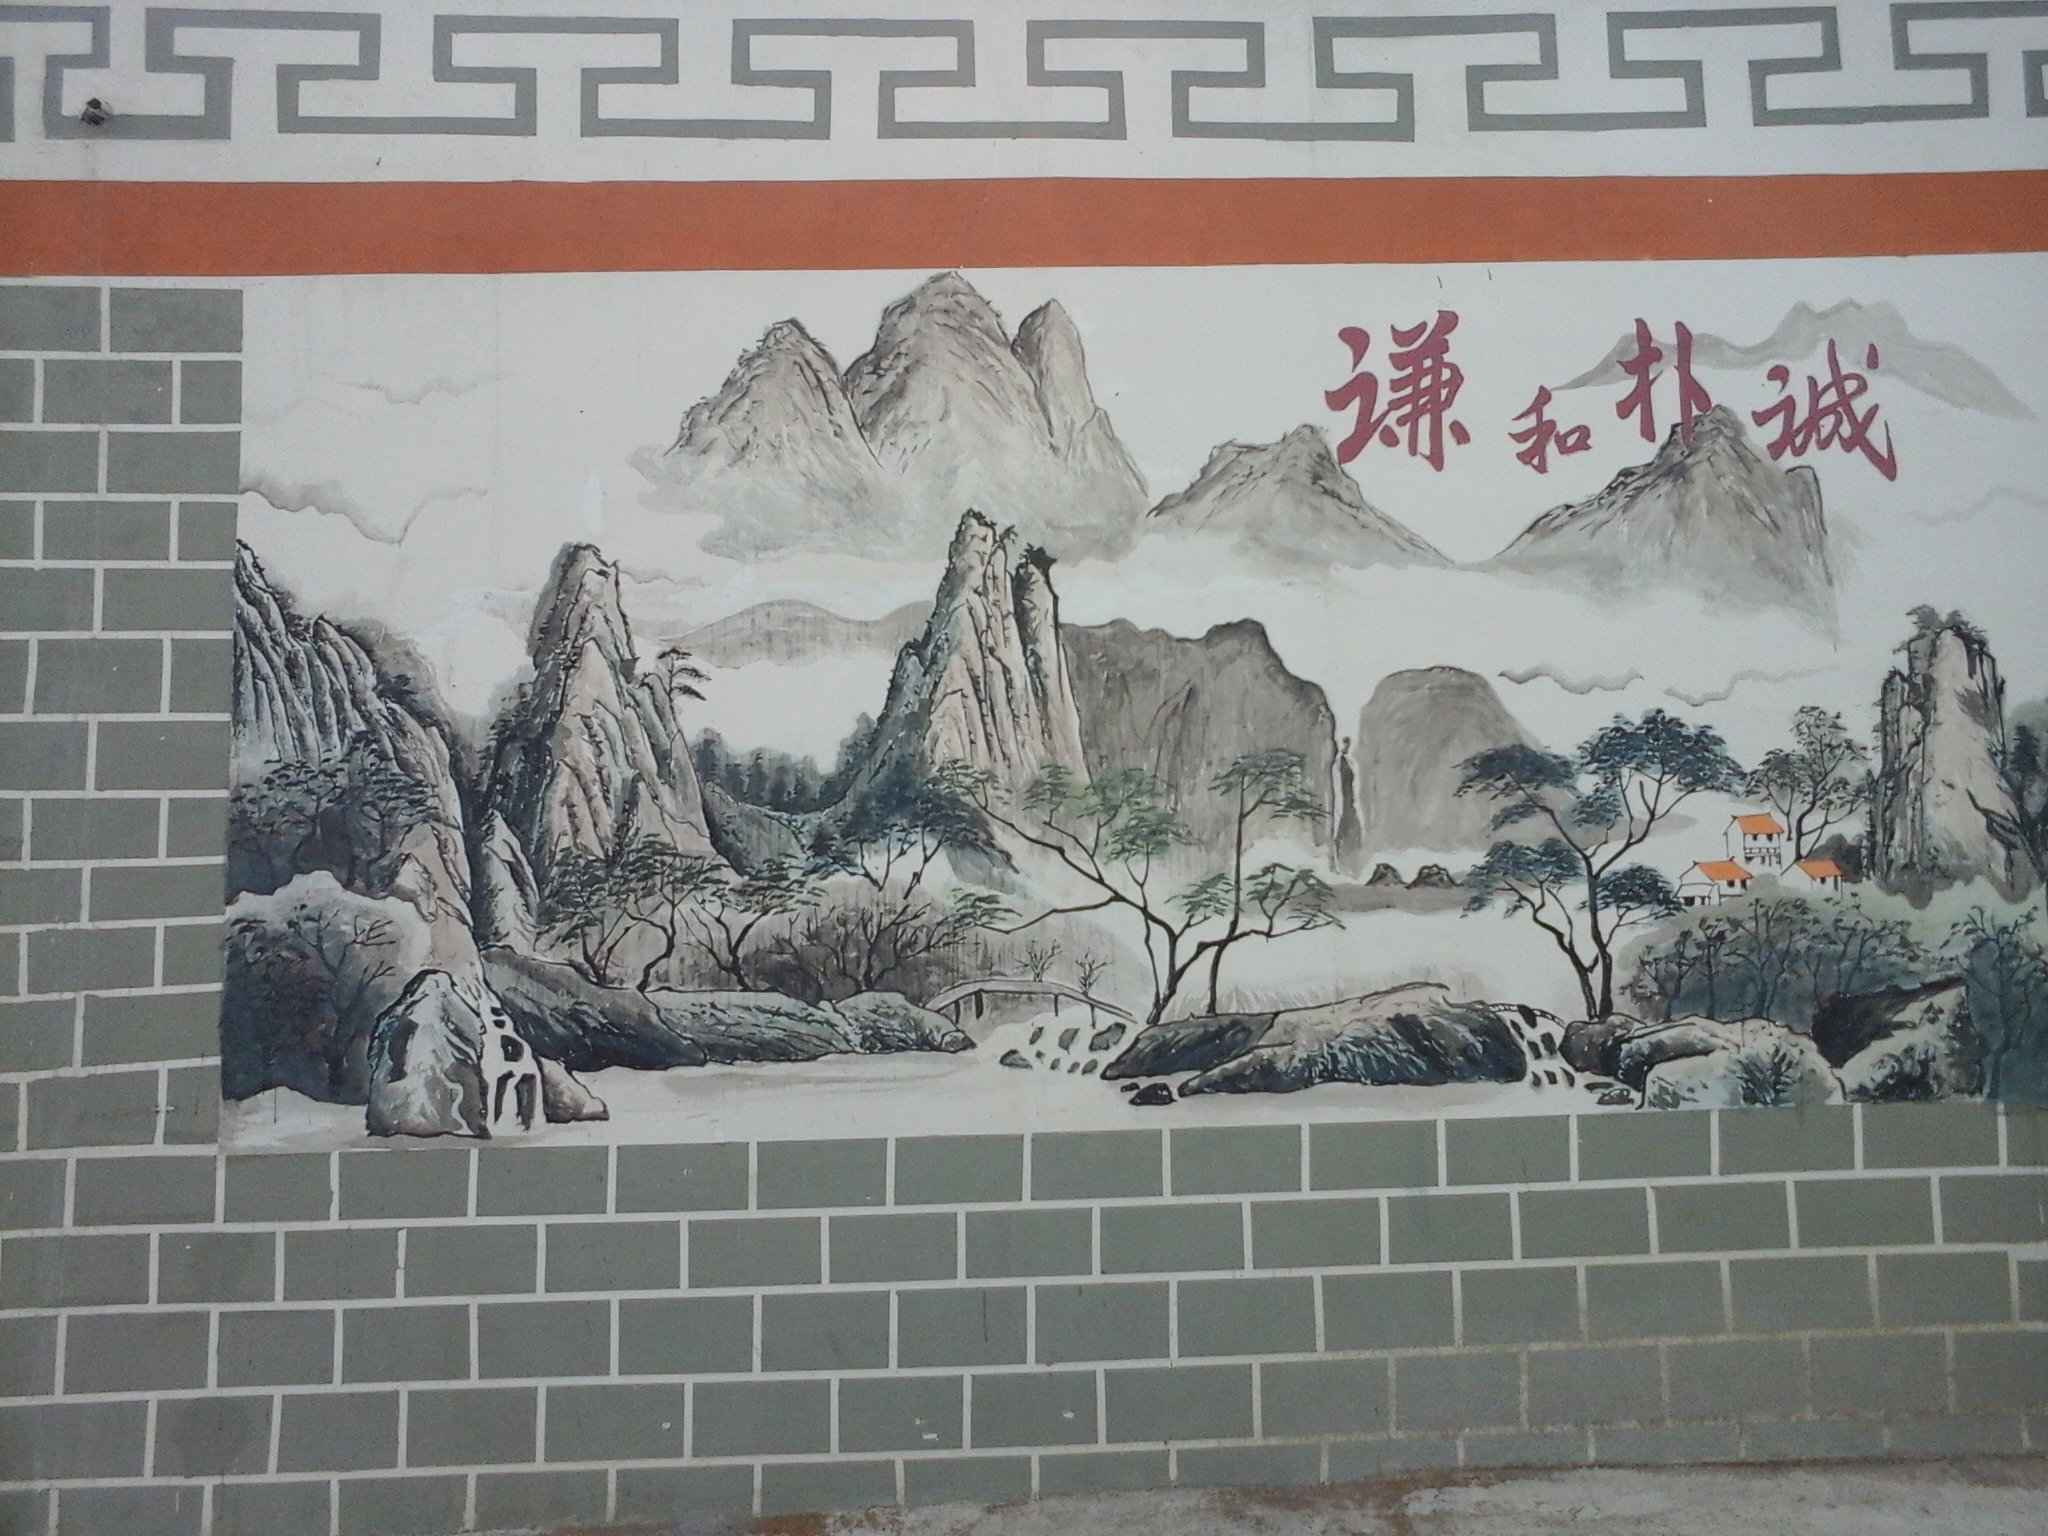 手绘壁画山水之《谦和朴成》